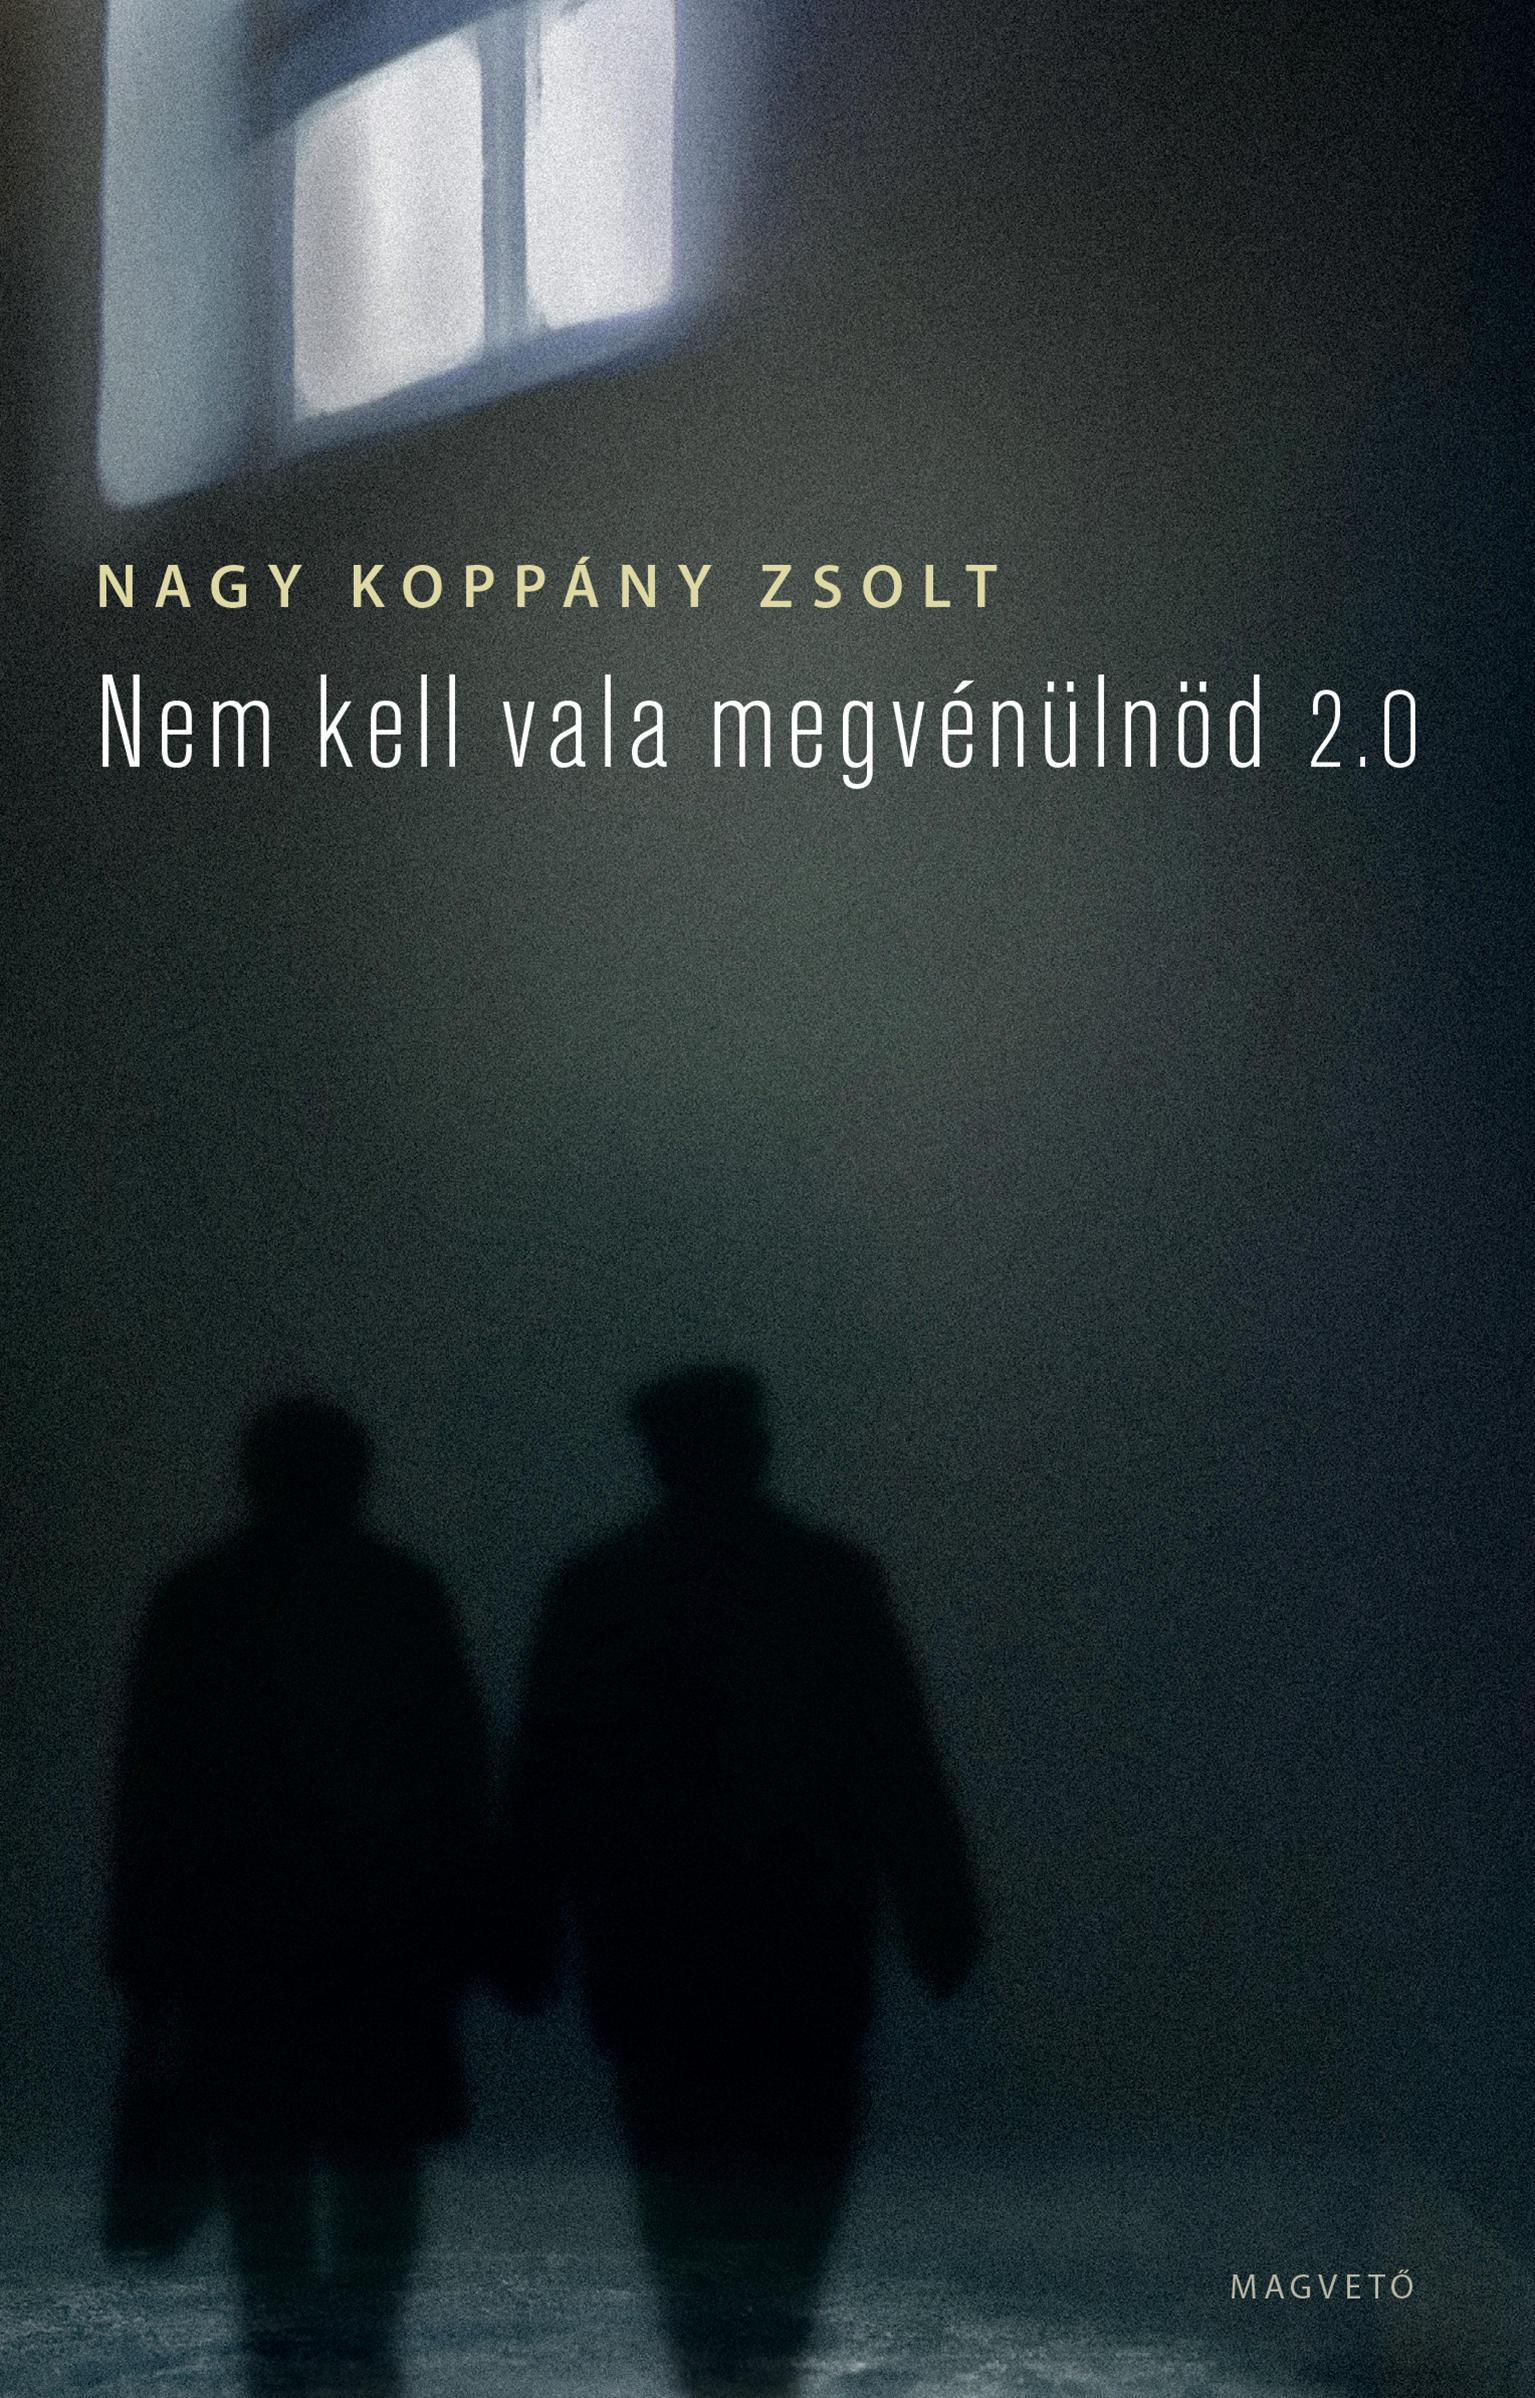 Nagy Koppány Zsolt - Nem kell vala megvénülnöd 2.0